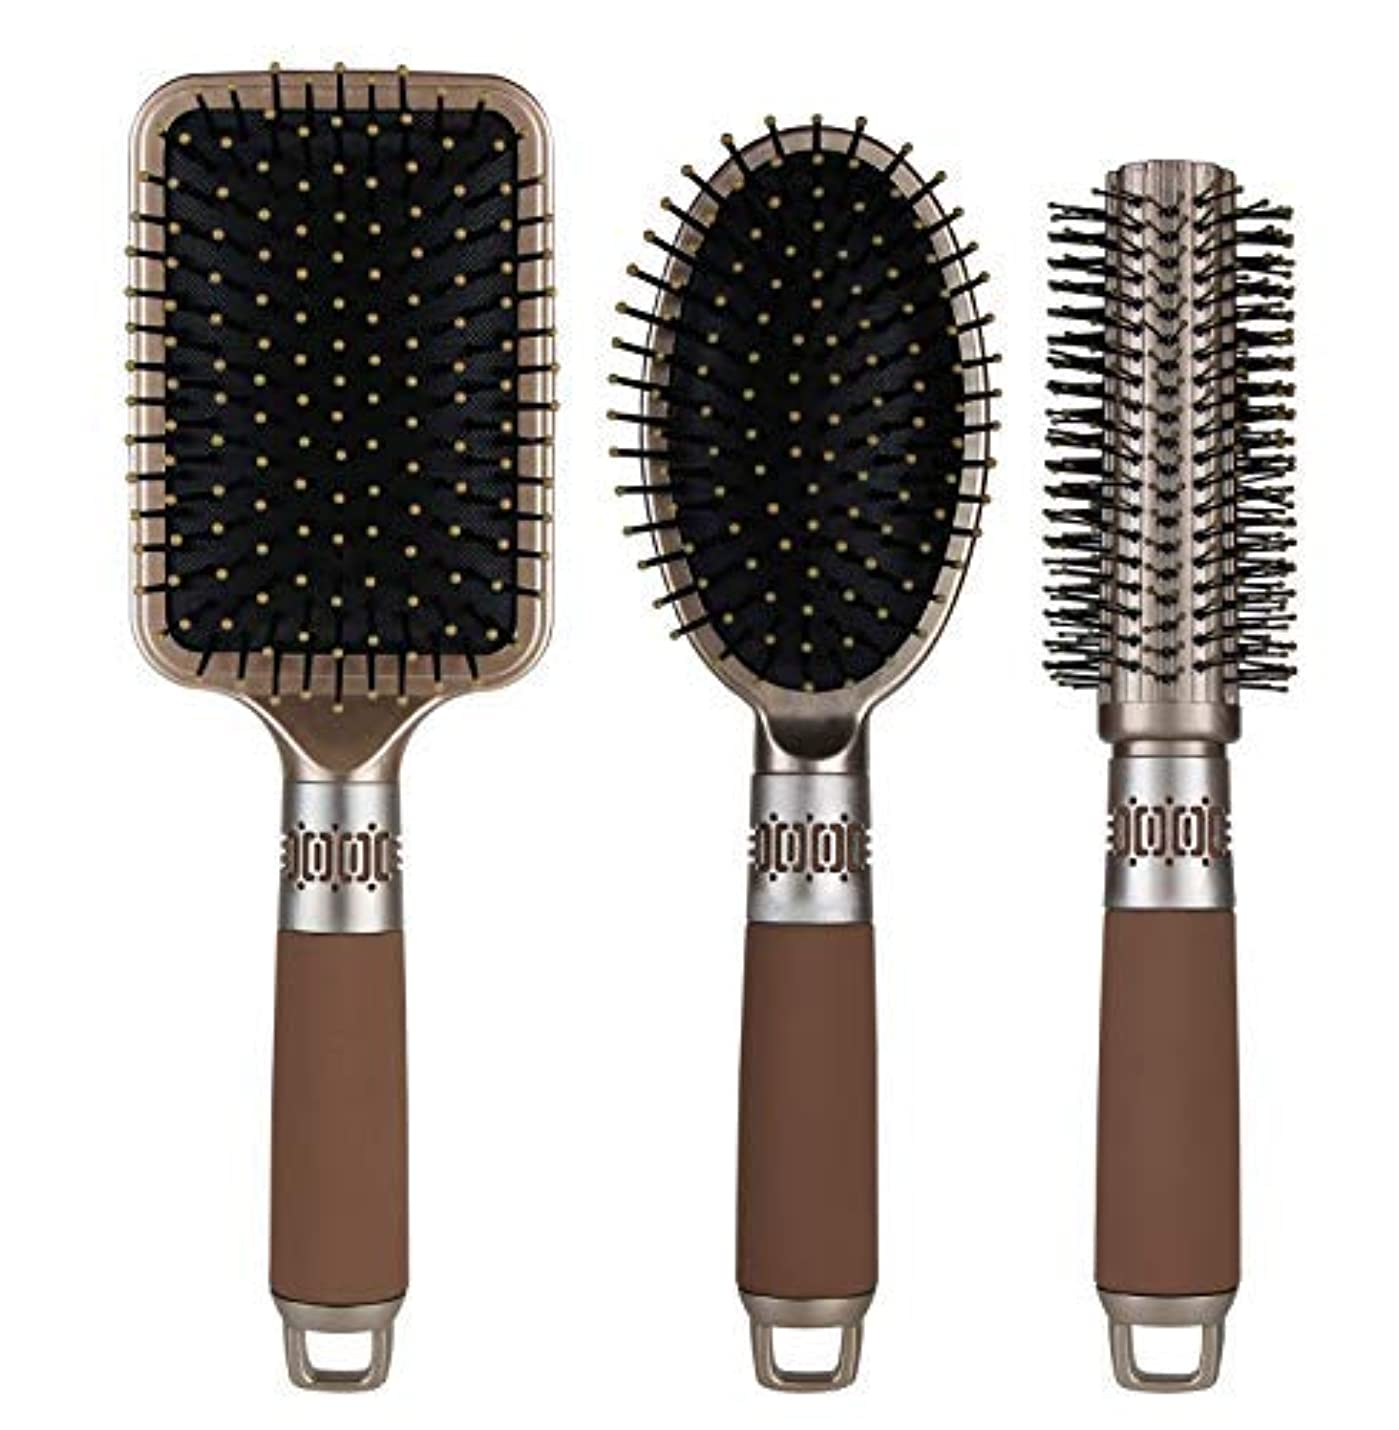 職人不規則なコジオスコNVTED 3PCS Hair Combs, Massage Paddle Round Brush Hair Brushes Set Anti Static Detangling Air Cushion Bristle...